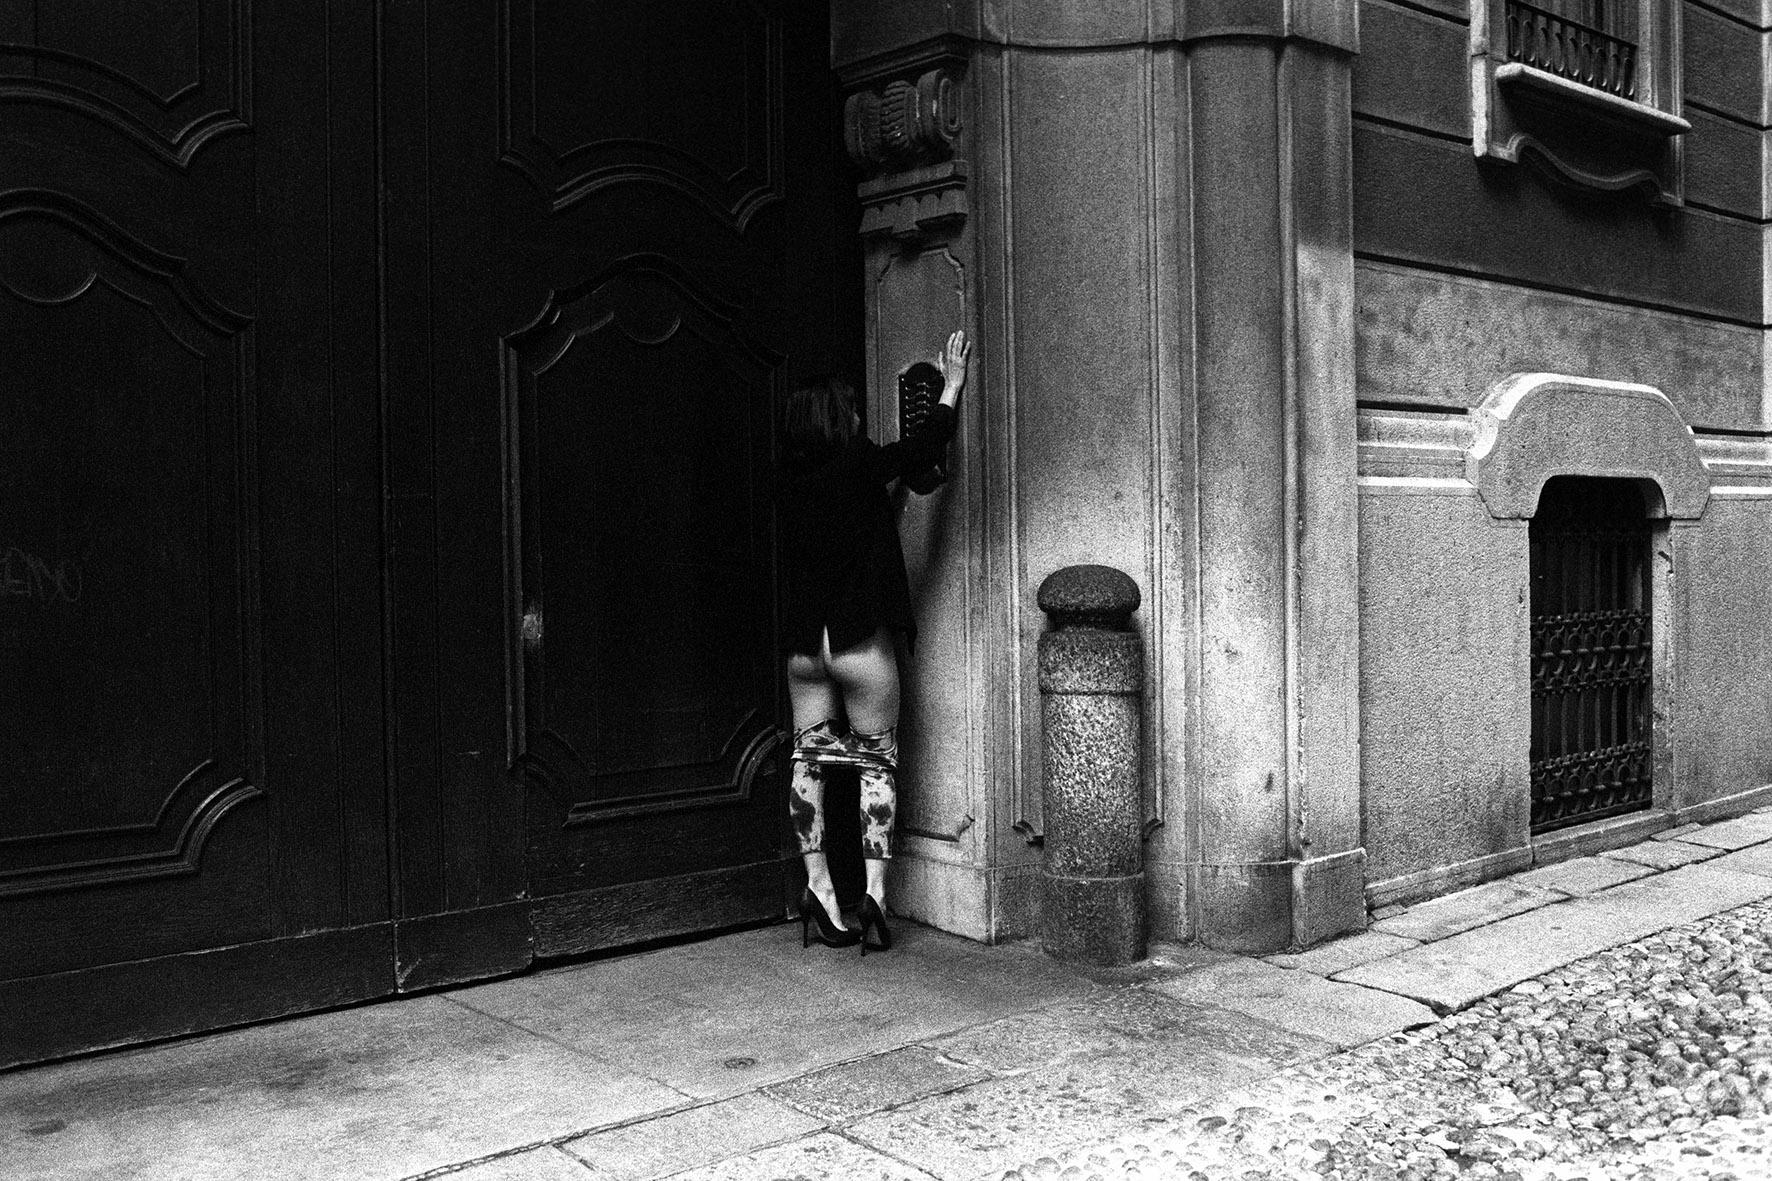 """Emmanuelle, 2012 """"Emmi stava per trasferirsi a NY, era il suo ultimo giorno a Milano, stava traslocando. Siamo in zona Brera alle 4 di pomeriggio."""""""